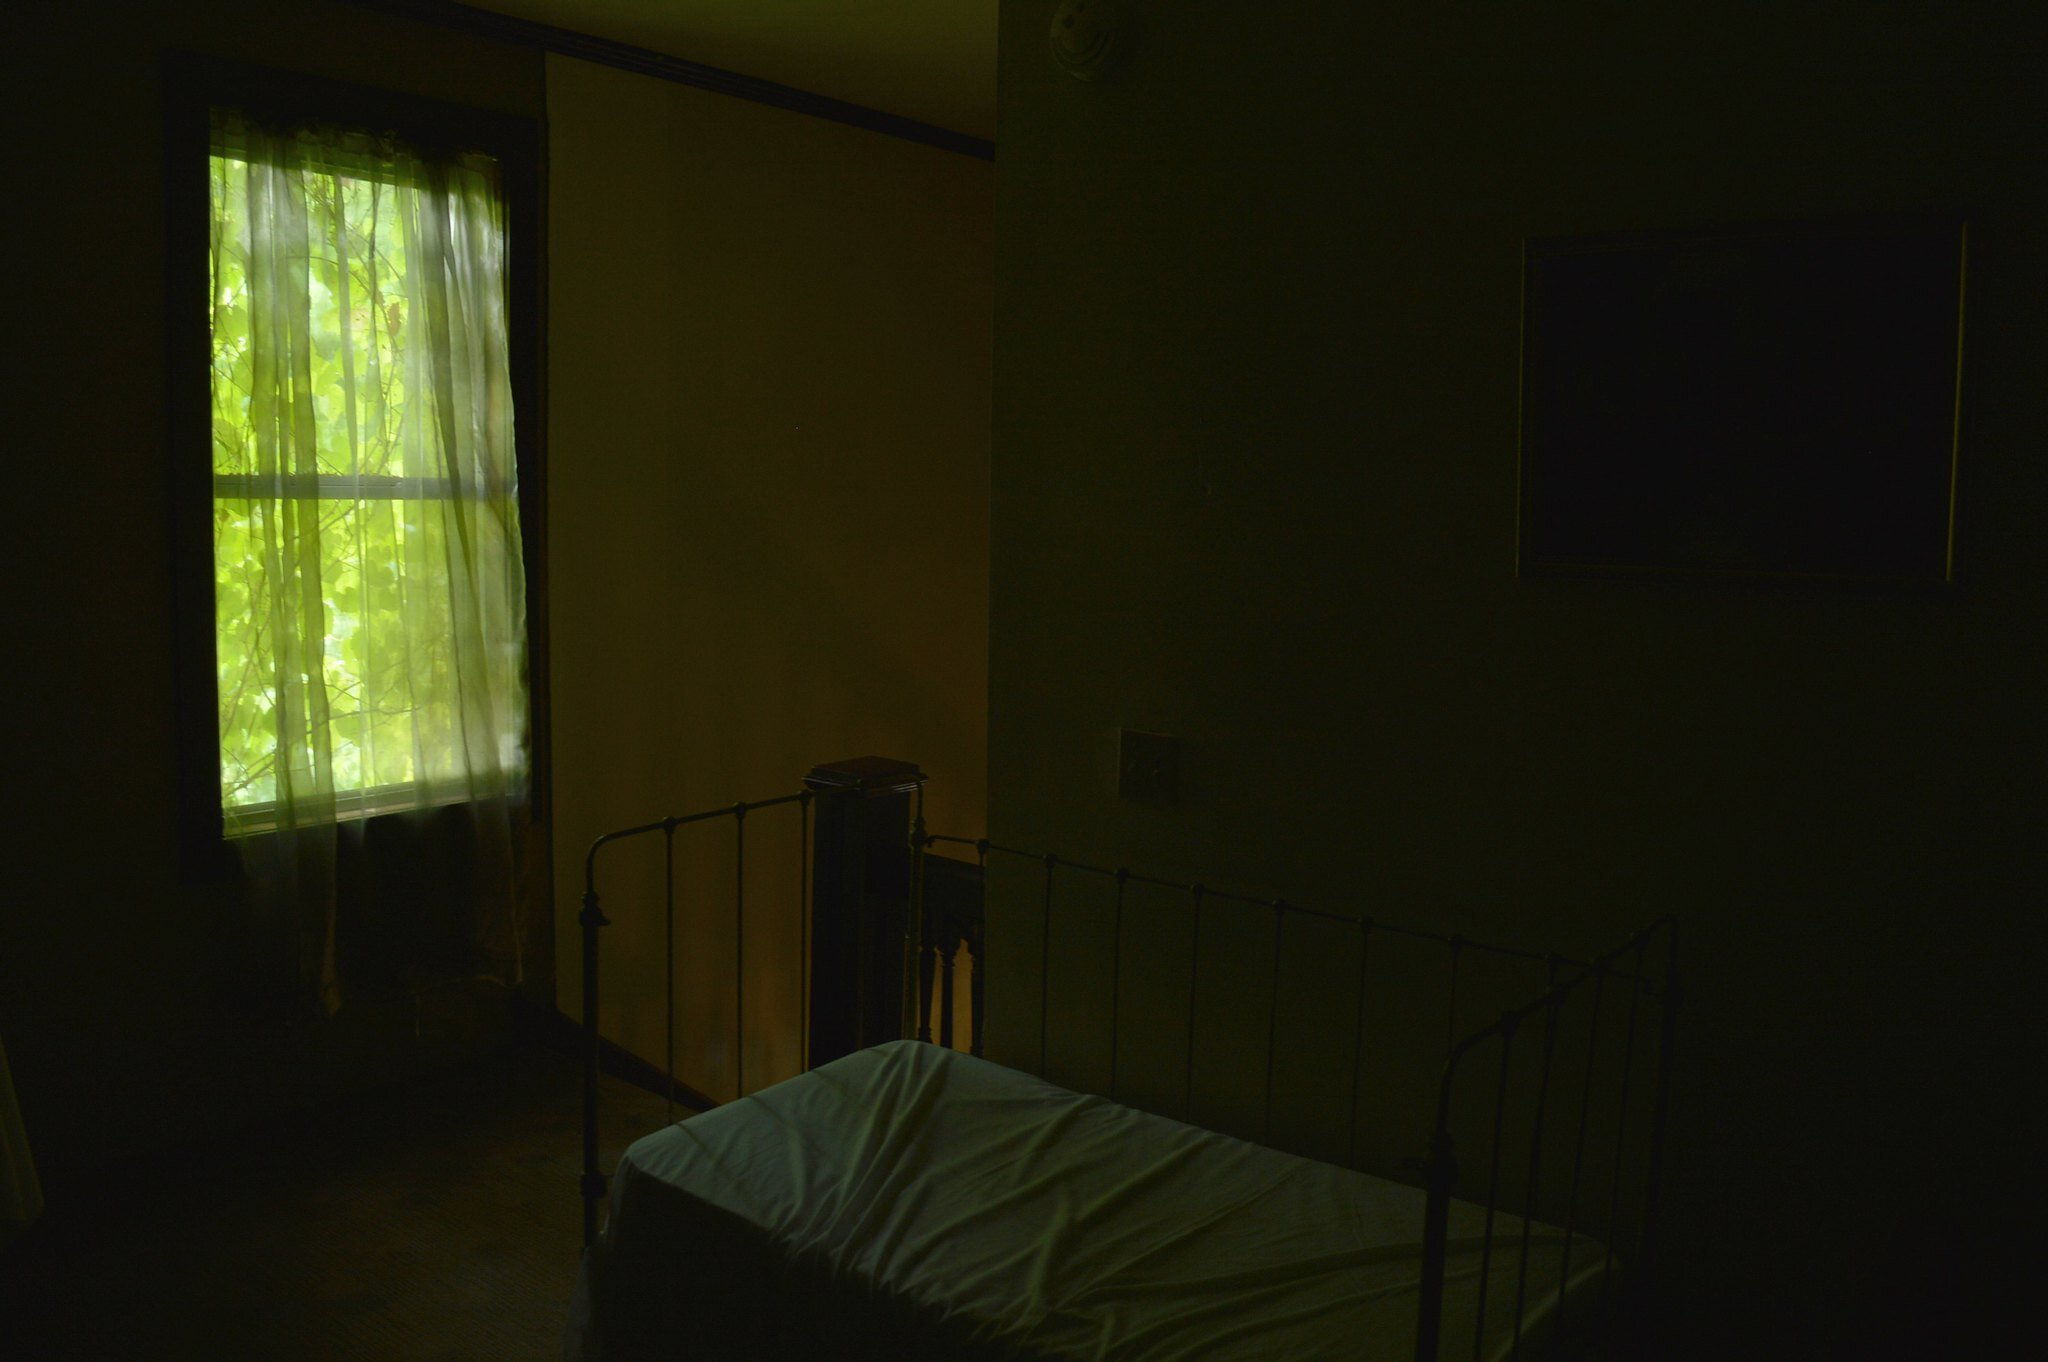 Green Window Nikon D3200 18-55mm f:3.5-5.6.jpg